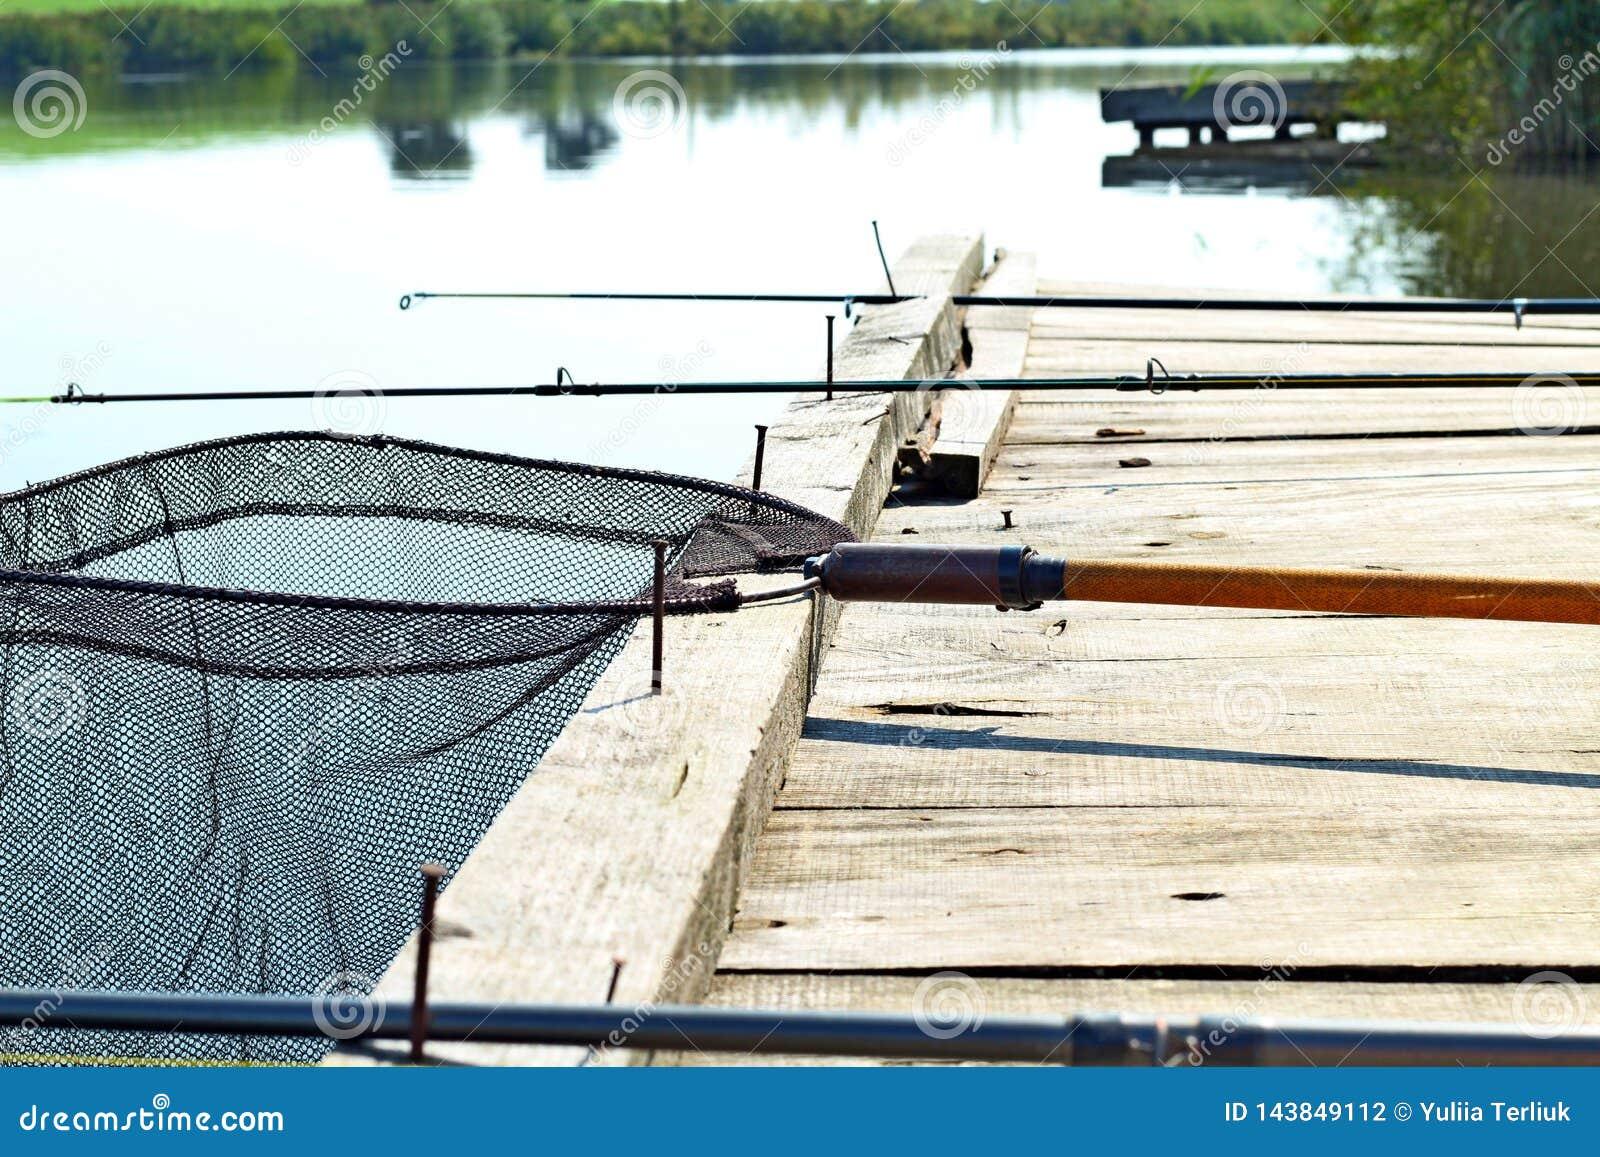 Fondo de la pesca Imagen entonada retra del equipo de pesca en el embarcadero de madera Pesca de la plataforma en el lago